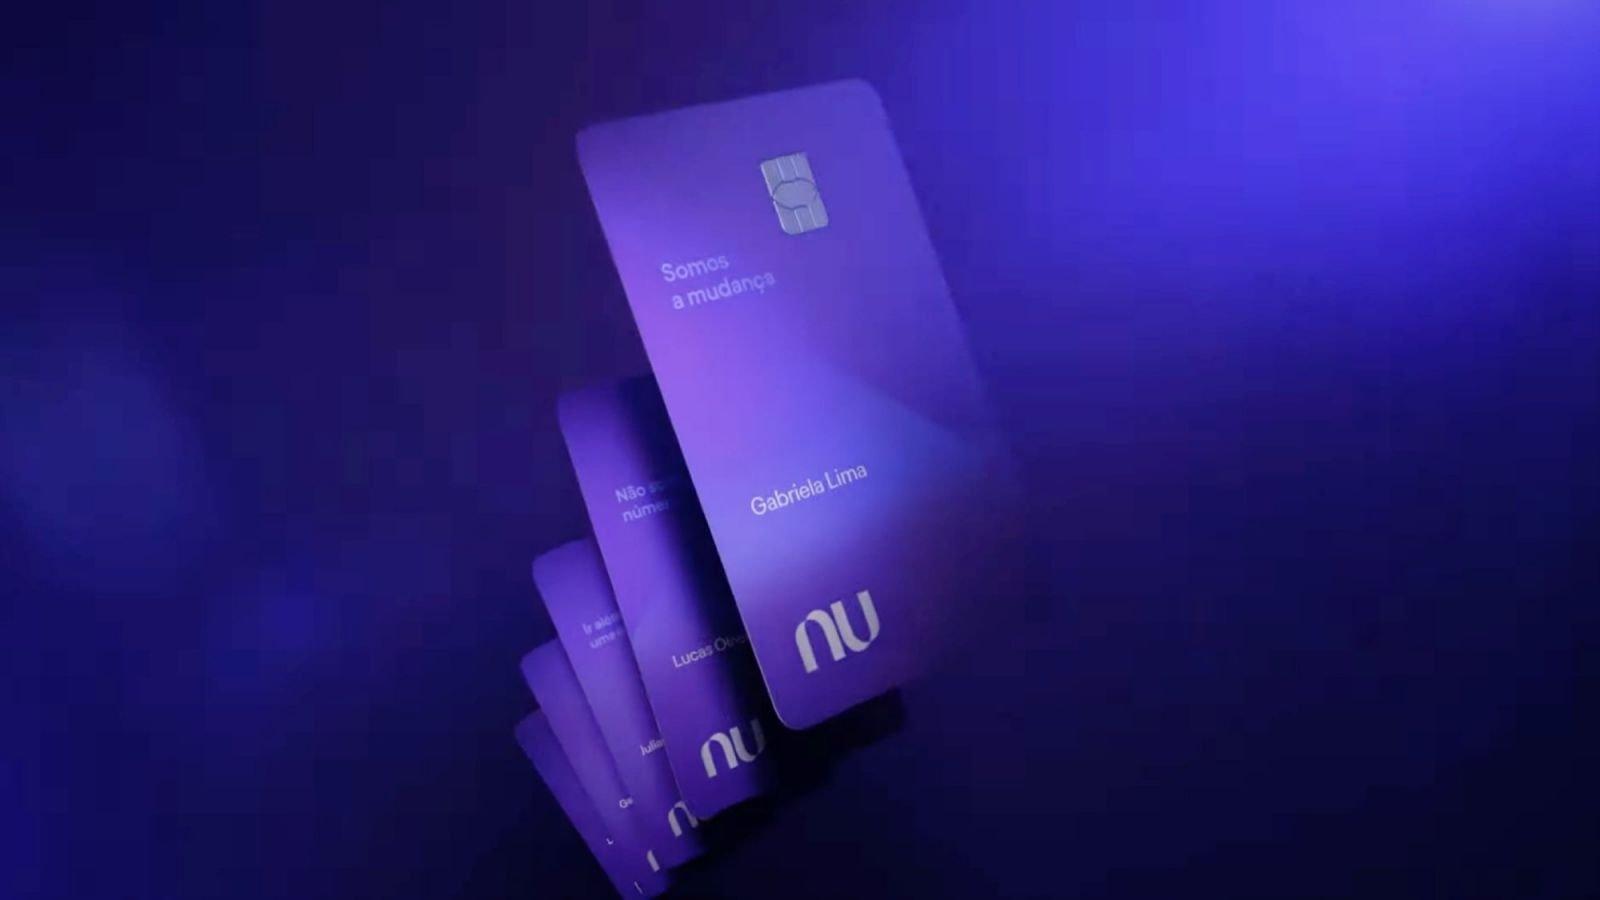 Novo Cartão Nubank Ultravioleta - Diferença, Novidades, O Que Muda?